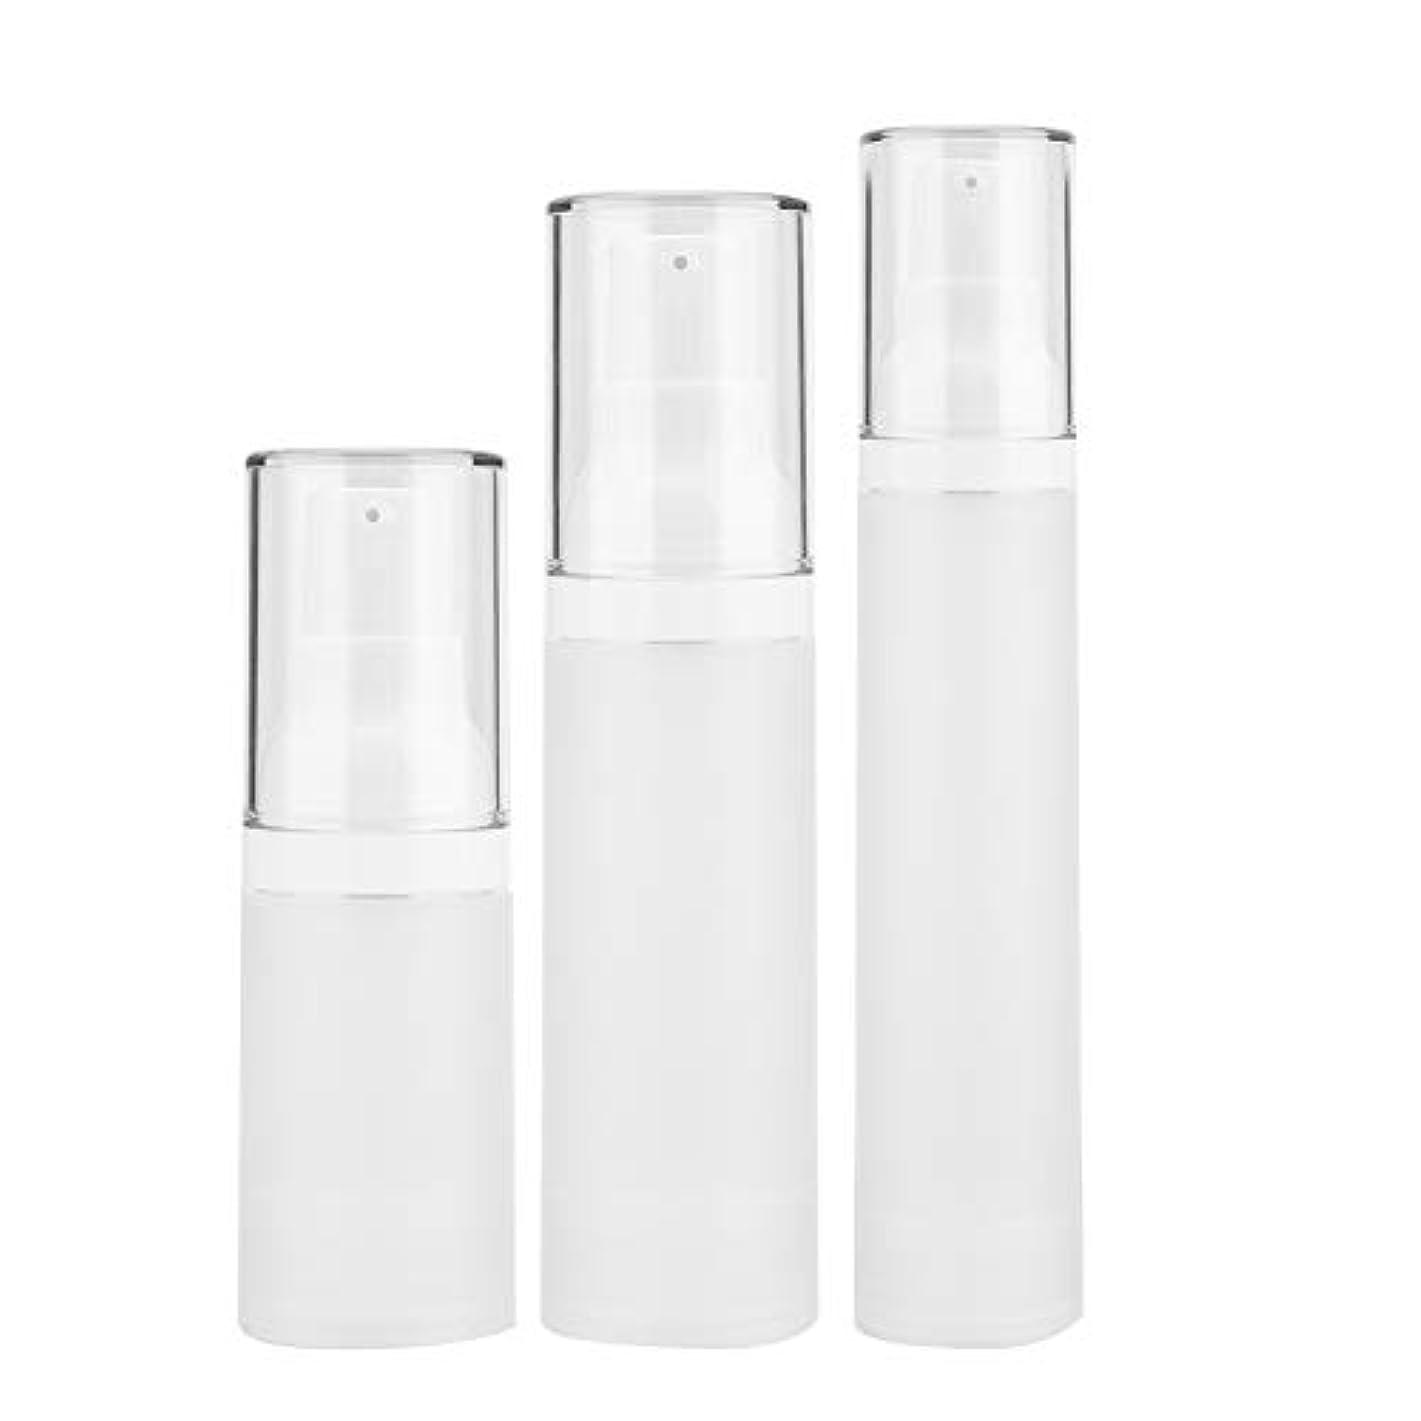 同行クリック欠員3本入りトラベルボトルセット - 化粧品旅行用容器、化粧品容器が空の化粧品容器付きペットボトル - シャンプーとスプレー用(3 pcs)